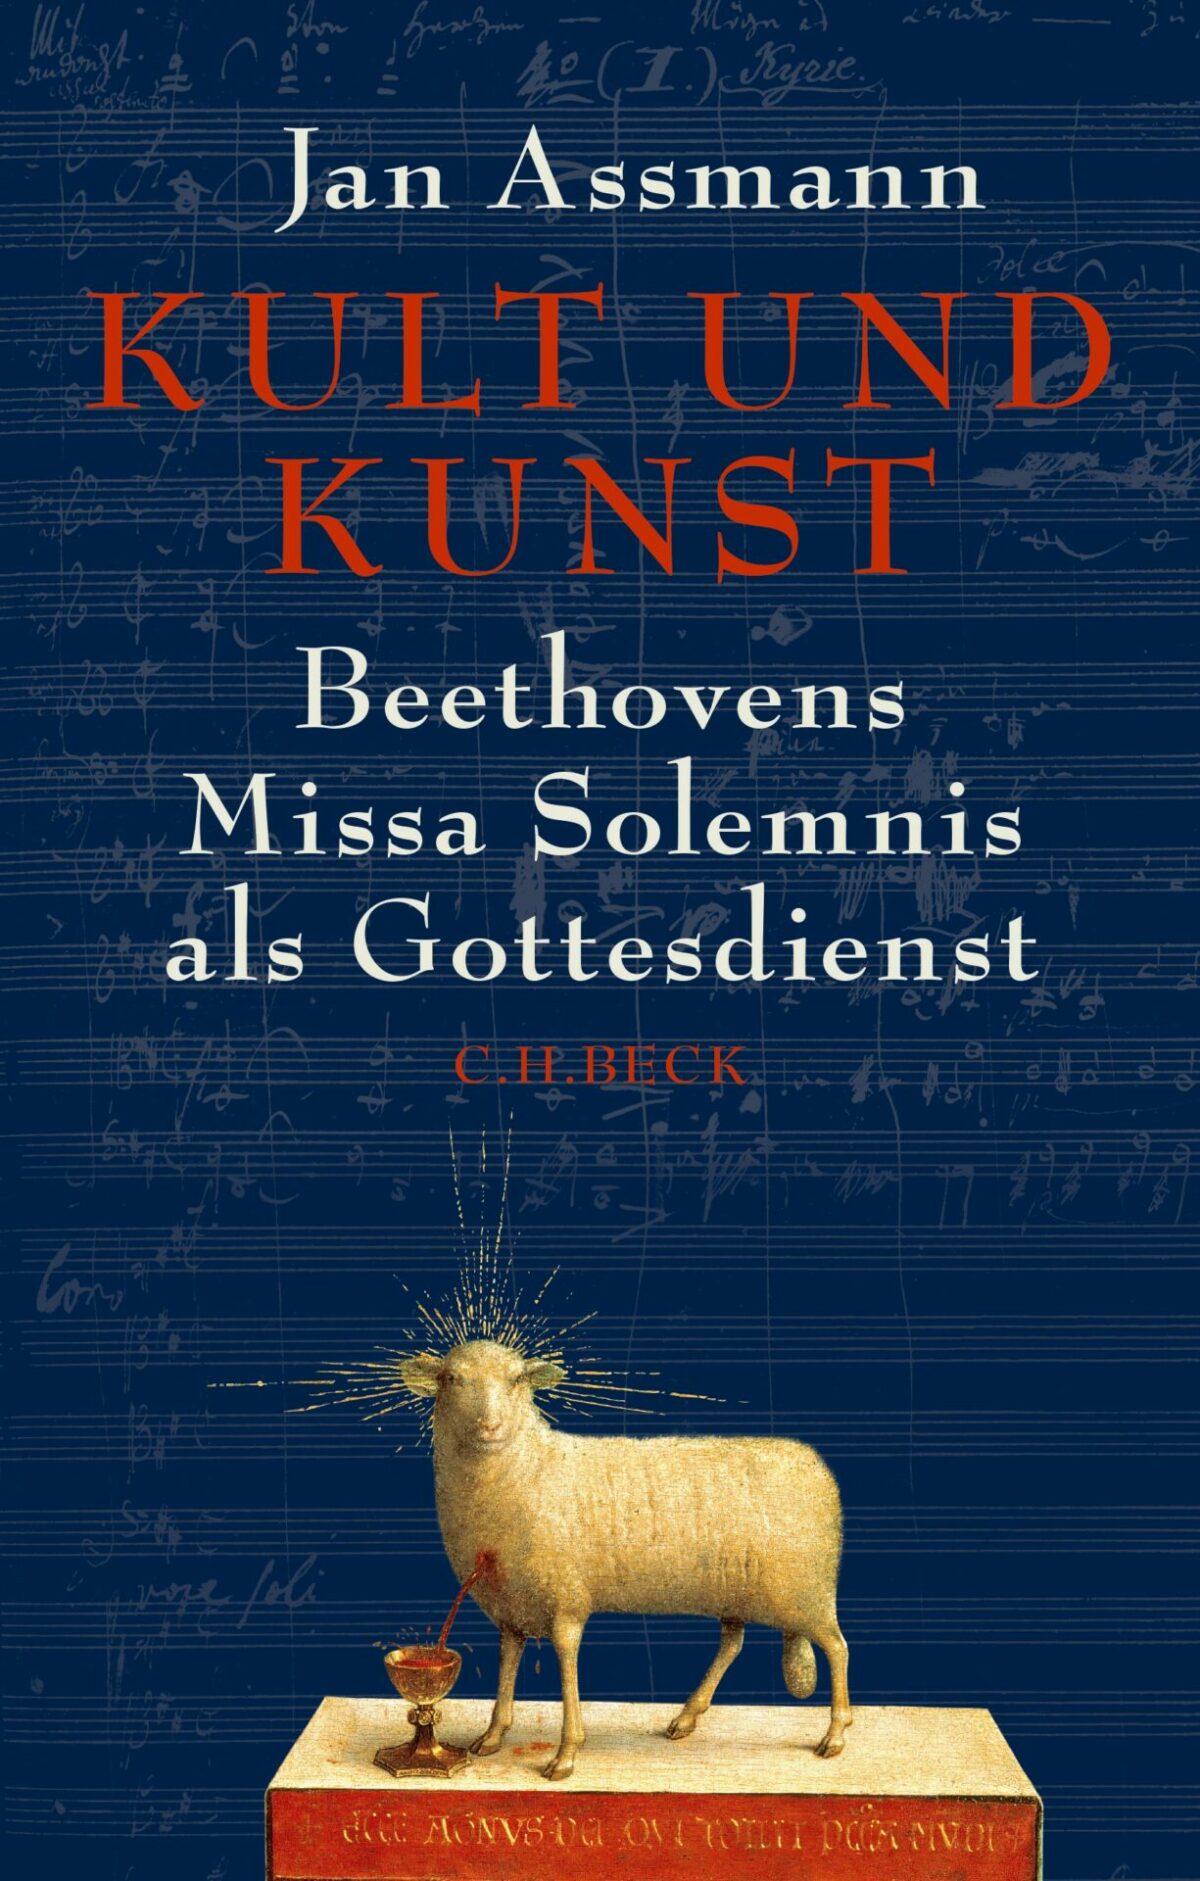 Buchrezension: Jan Assmann, Kult und Kunst – Beethovens Missa Solemnis als Gottesdienst